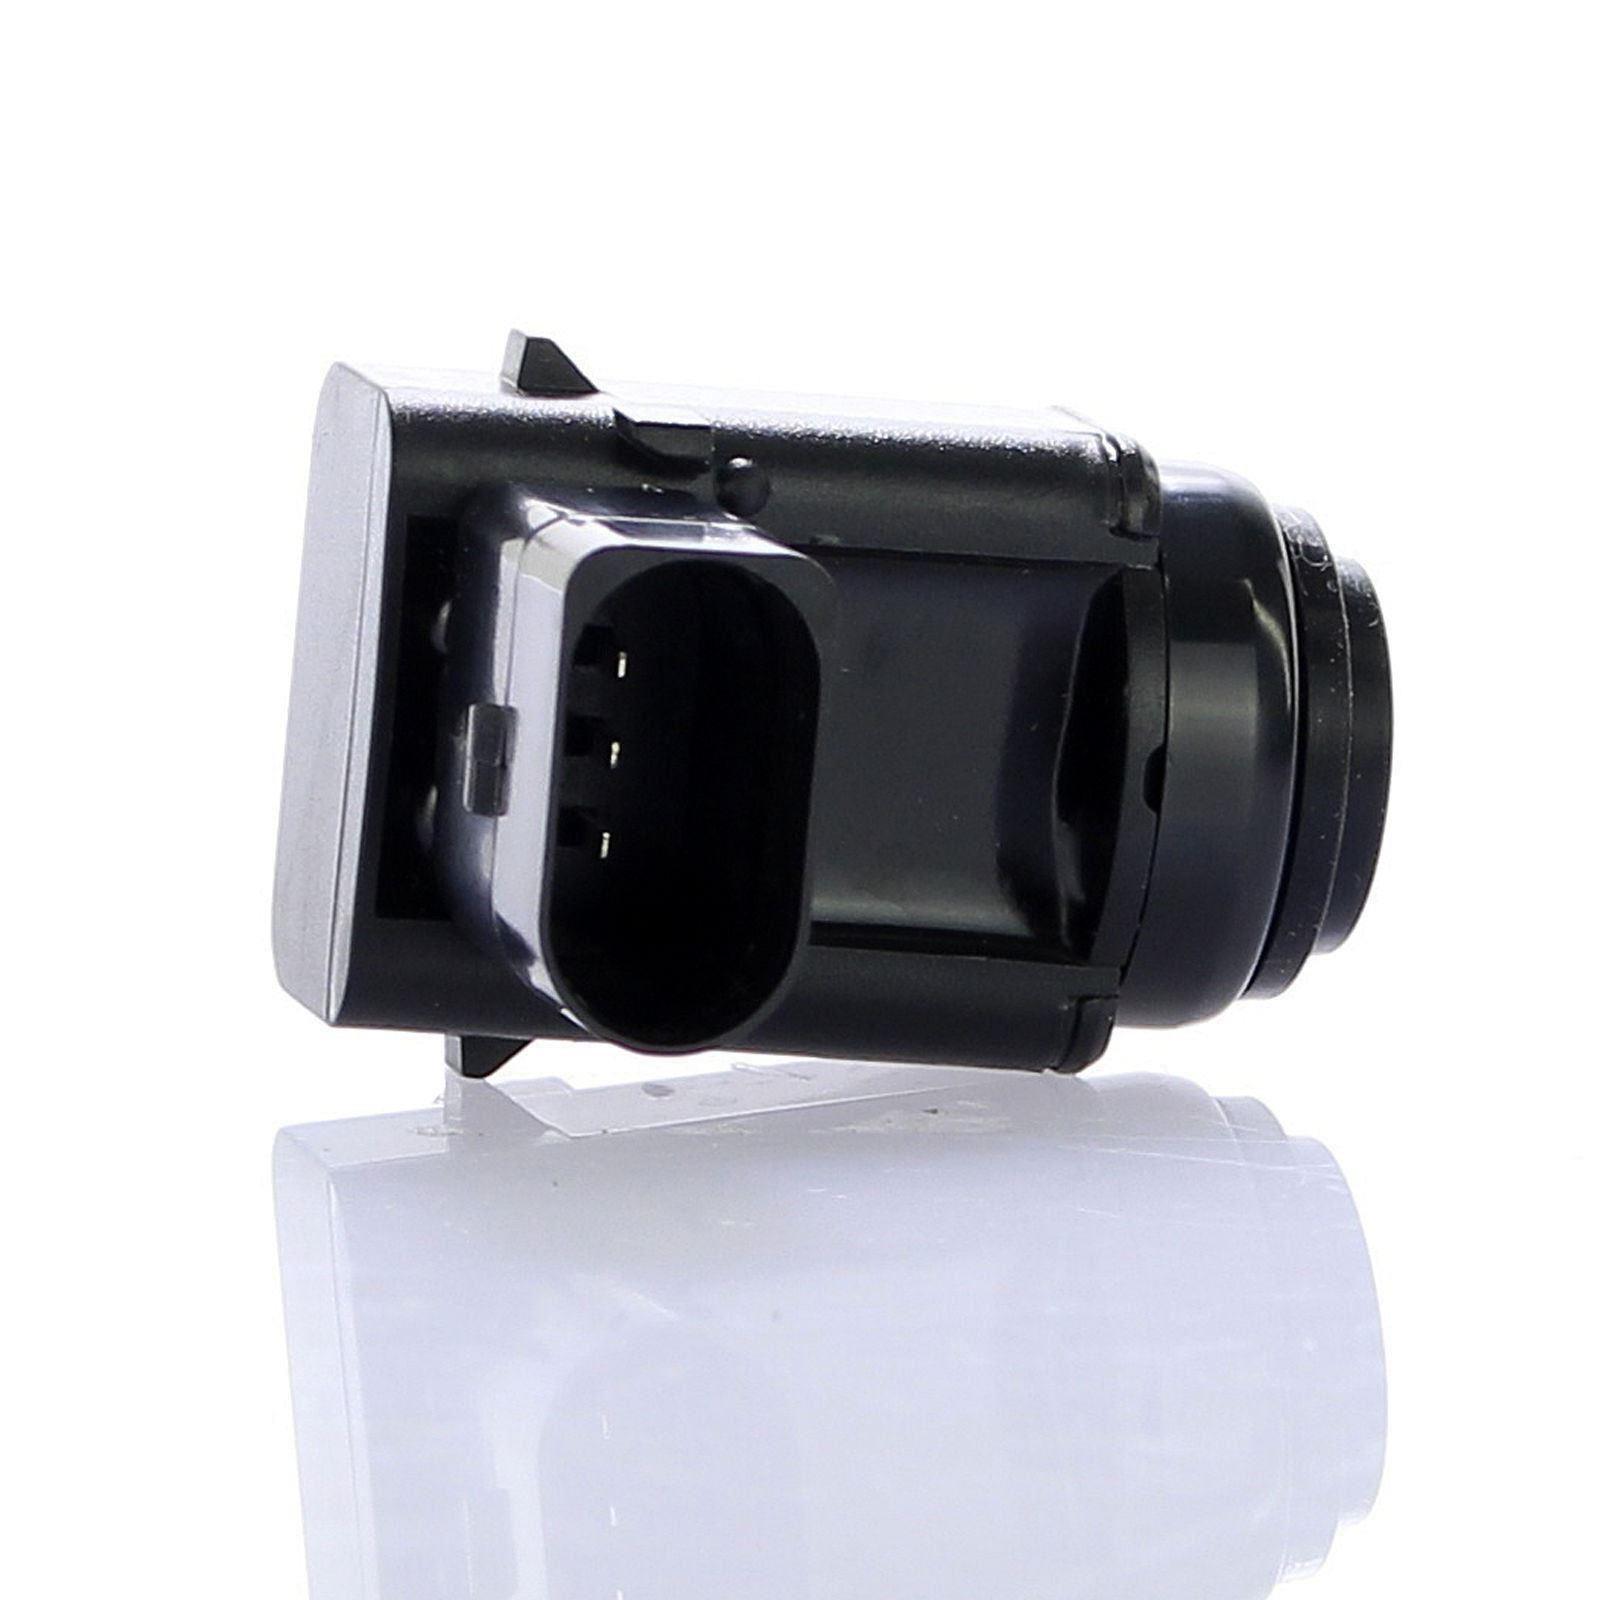 For Volvo V60 2010-2018 Ultrasonic PDC Parking Reverse Sensor